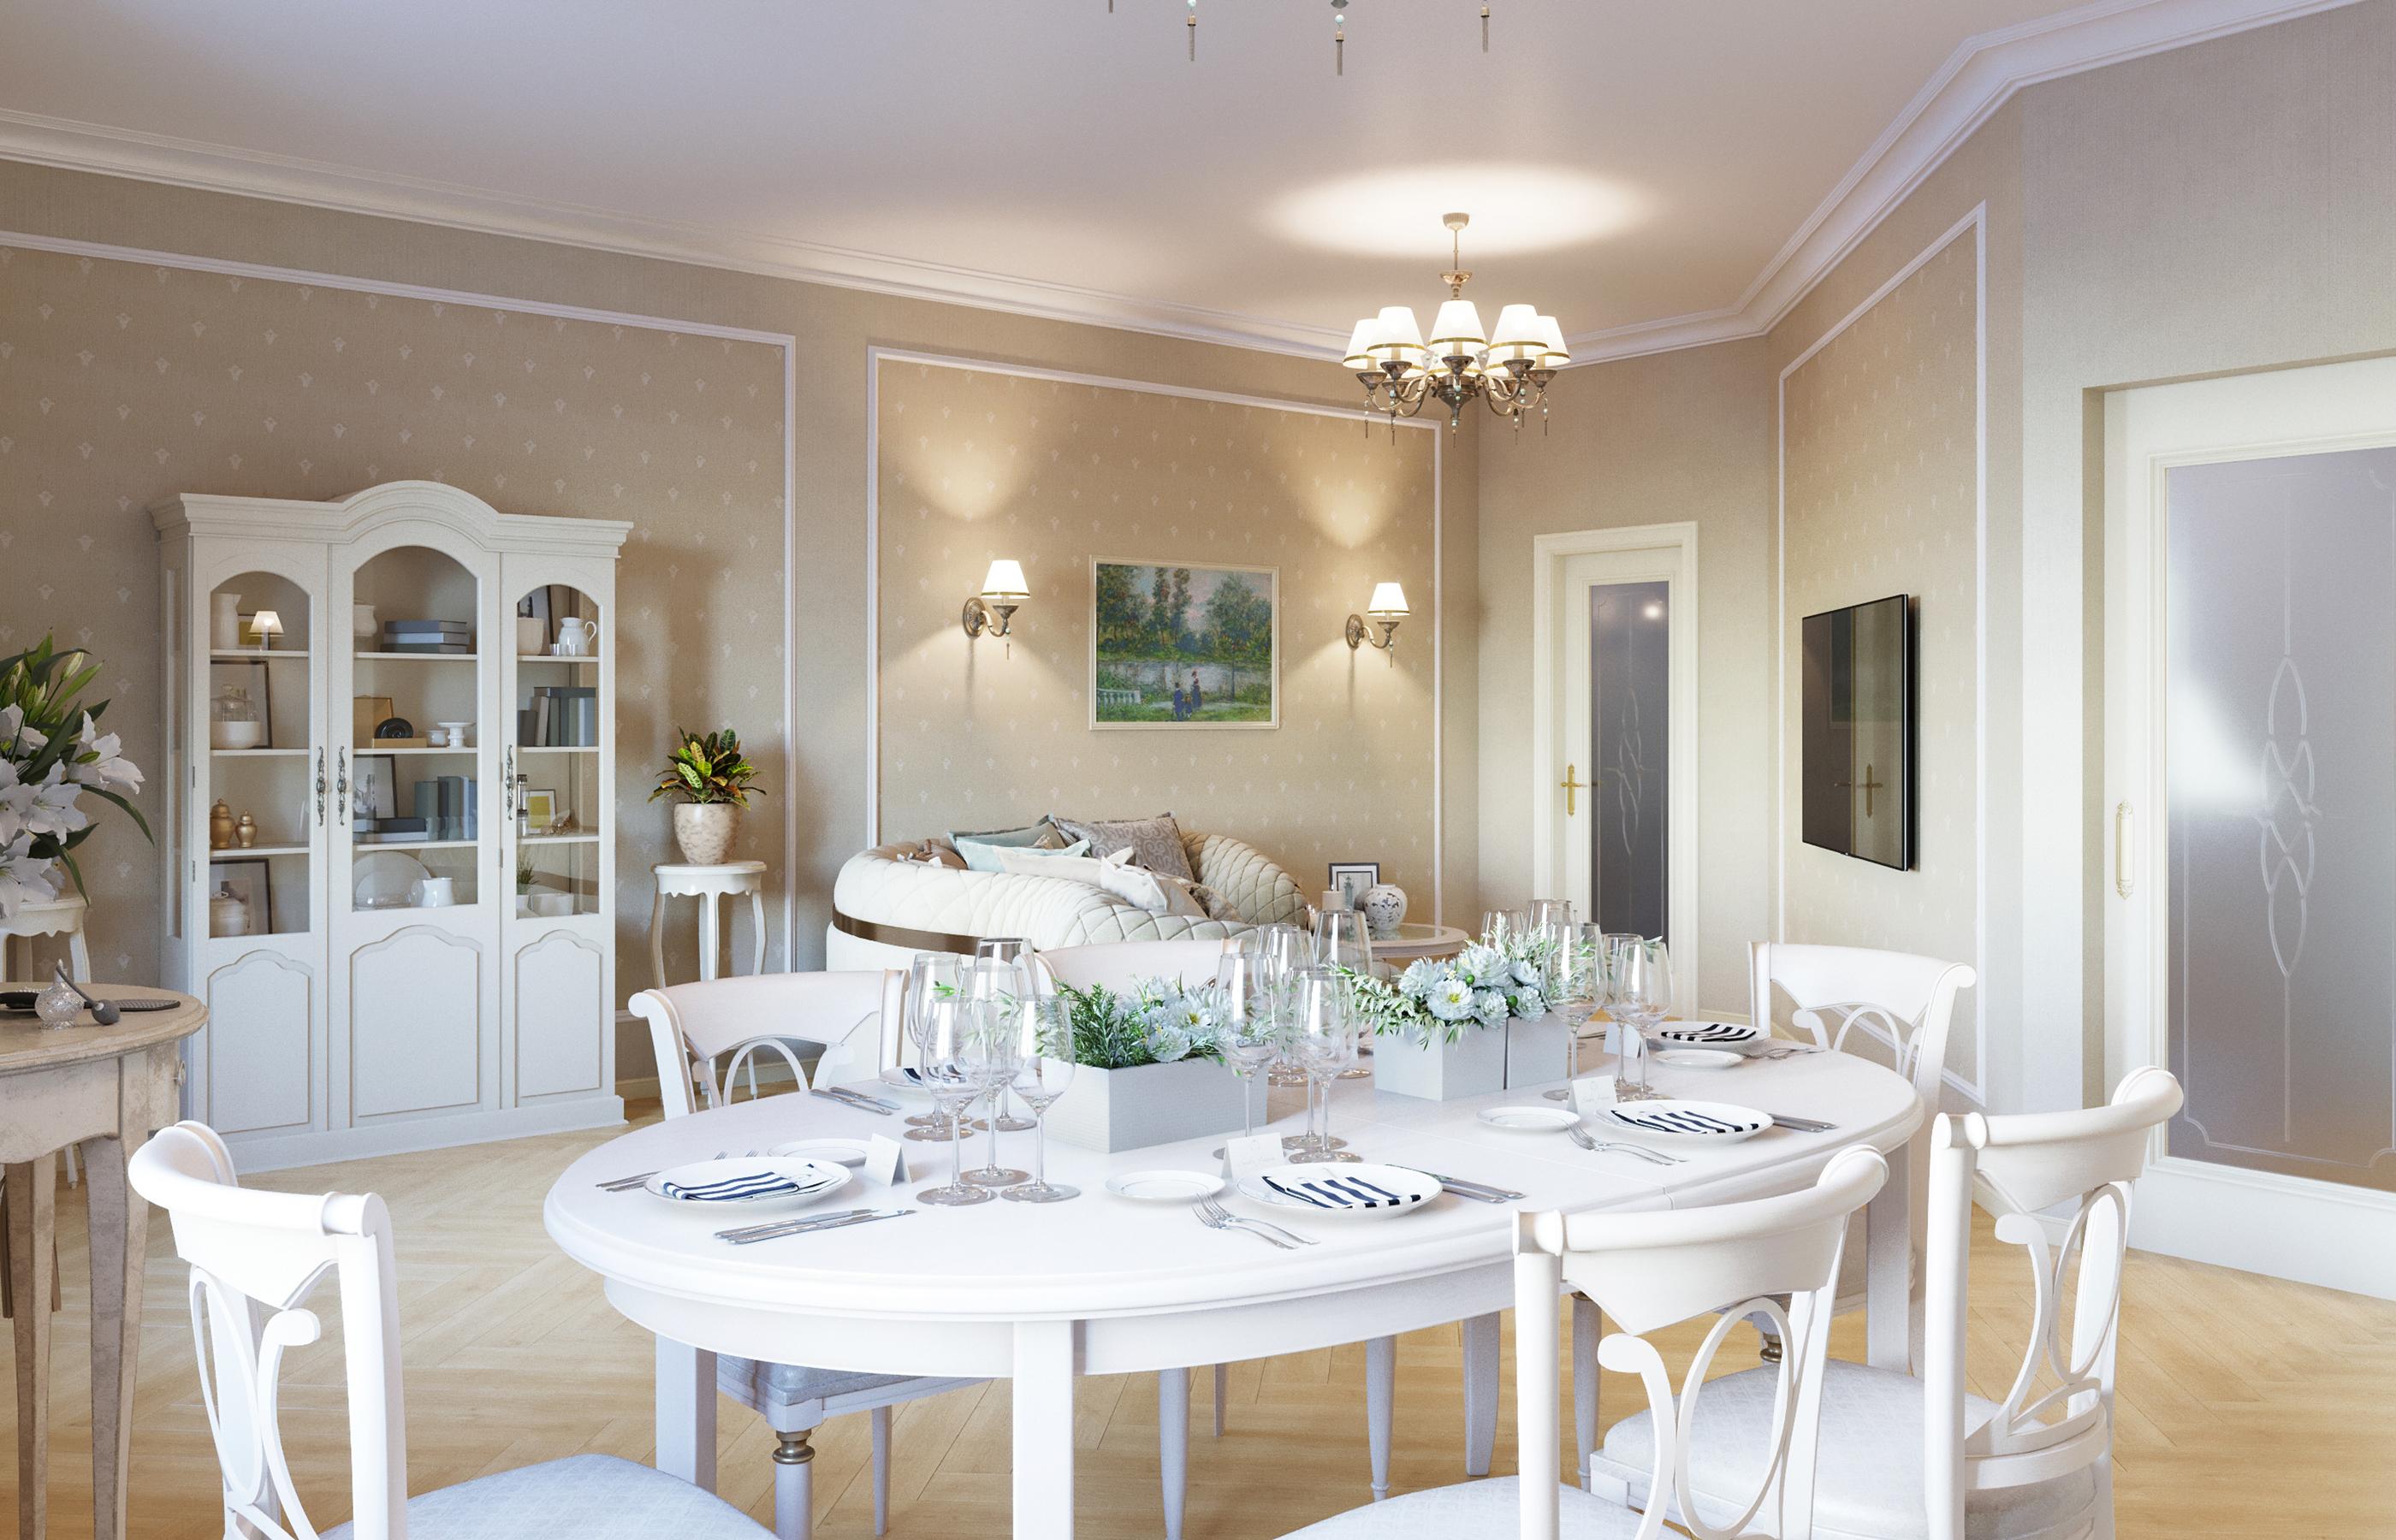 Дизайн интерьера гостиной в неоклассическом стиле